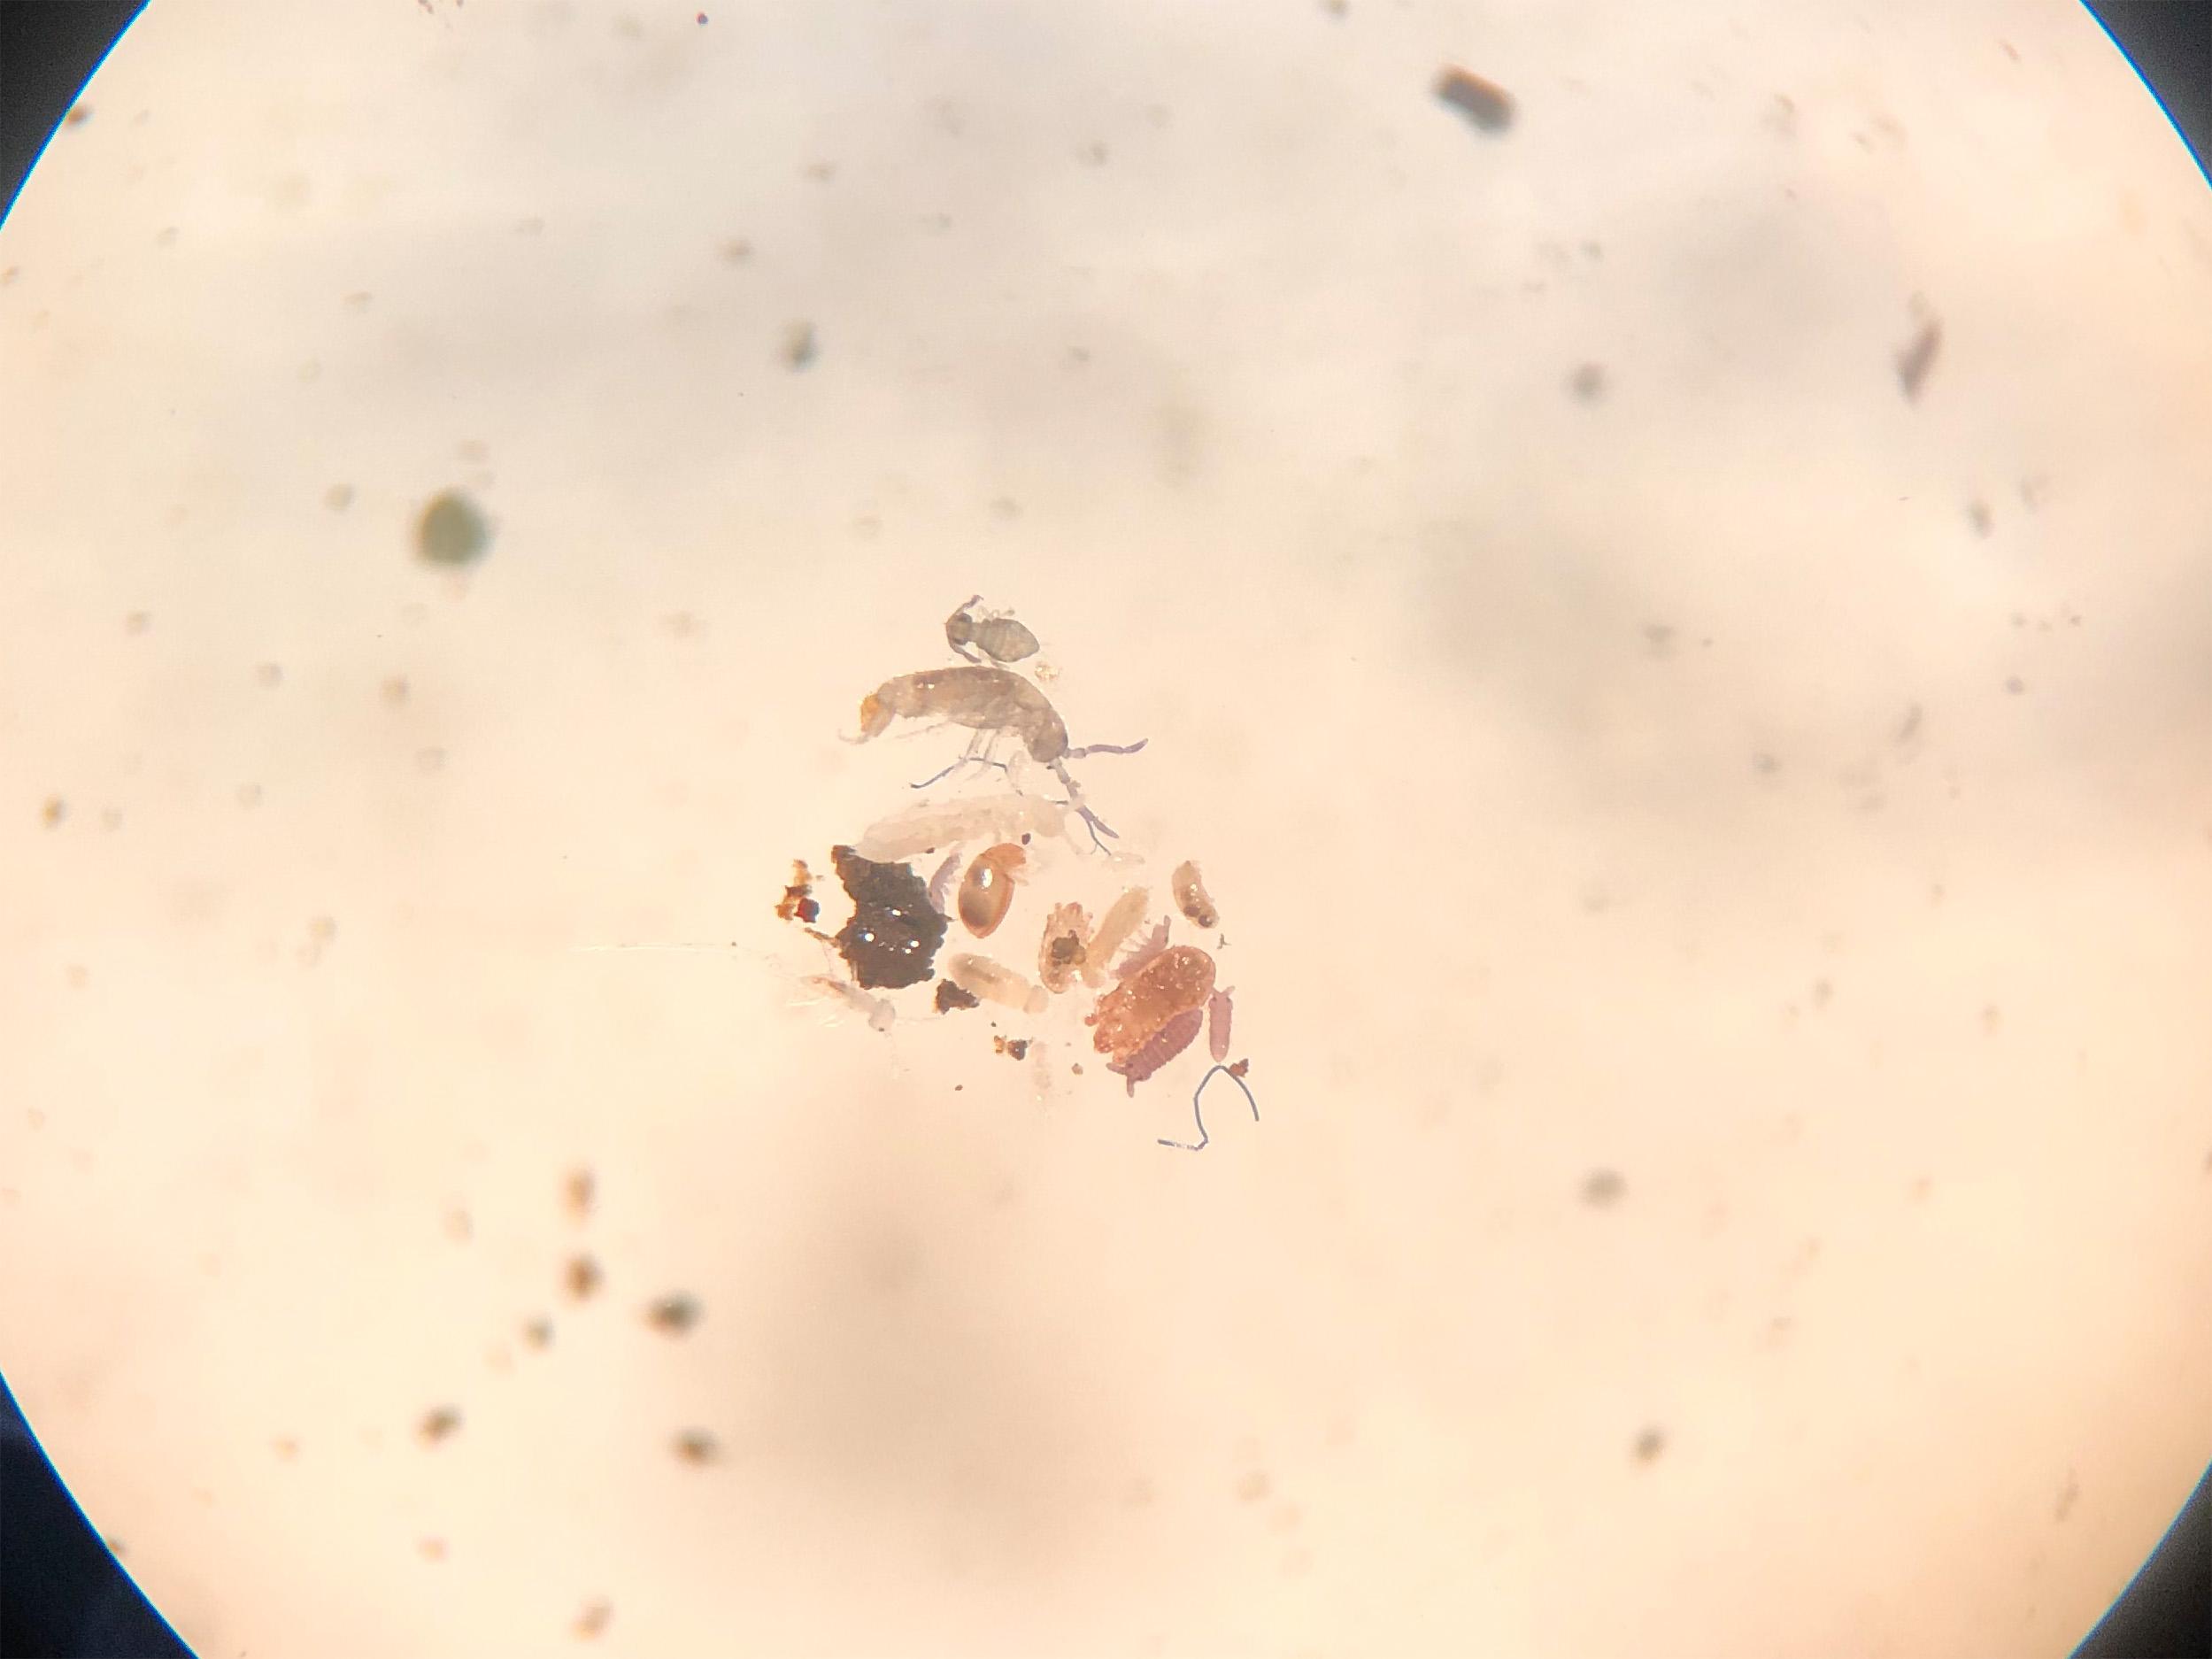 顕微鏡でのぞくと、どんな生き物が見つかるかな?